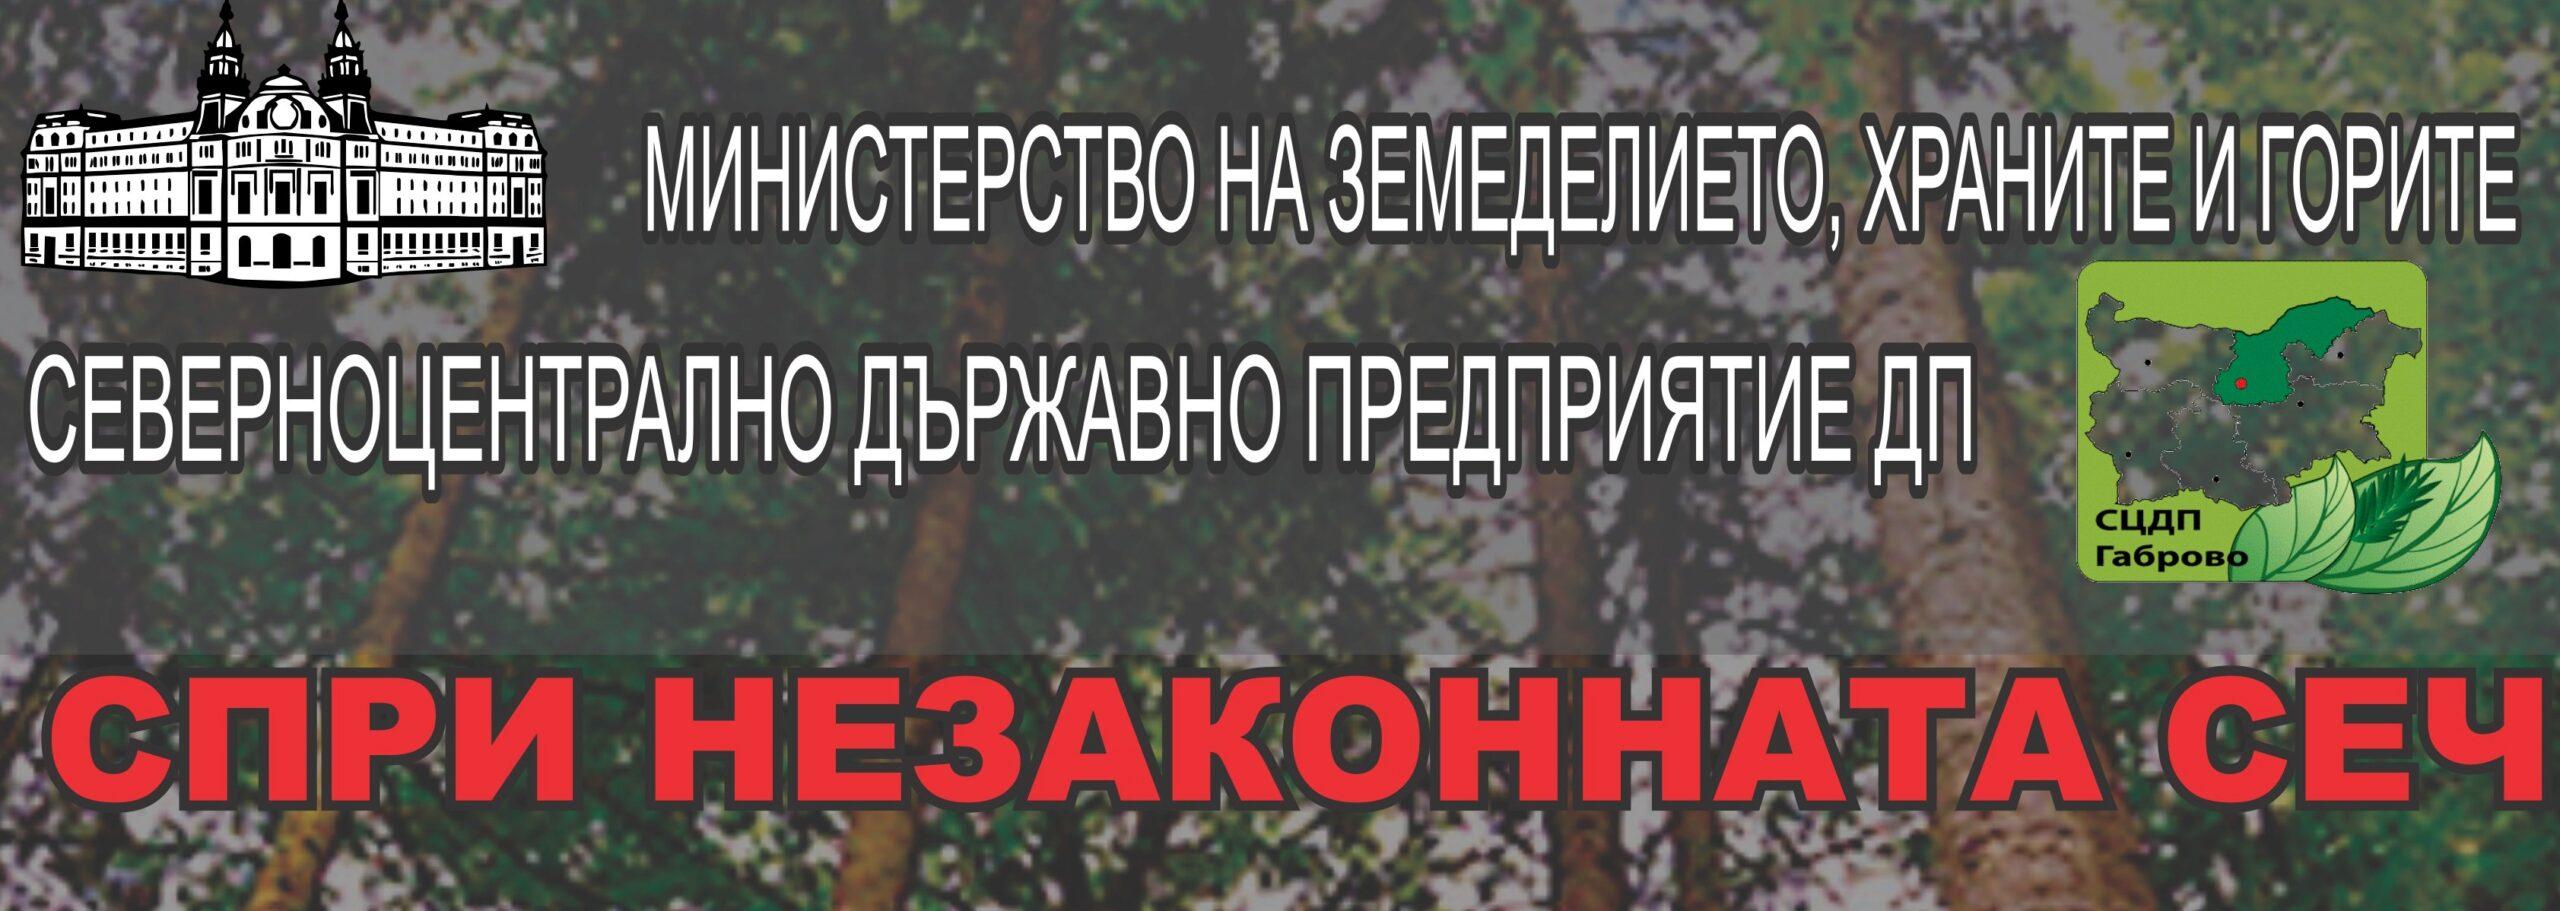 """""""Северноцентрално държавно предприятие"""" ДП стар ..."""